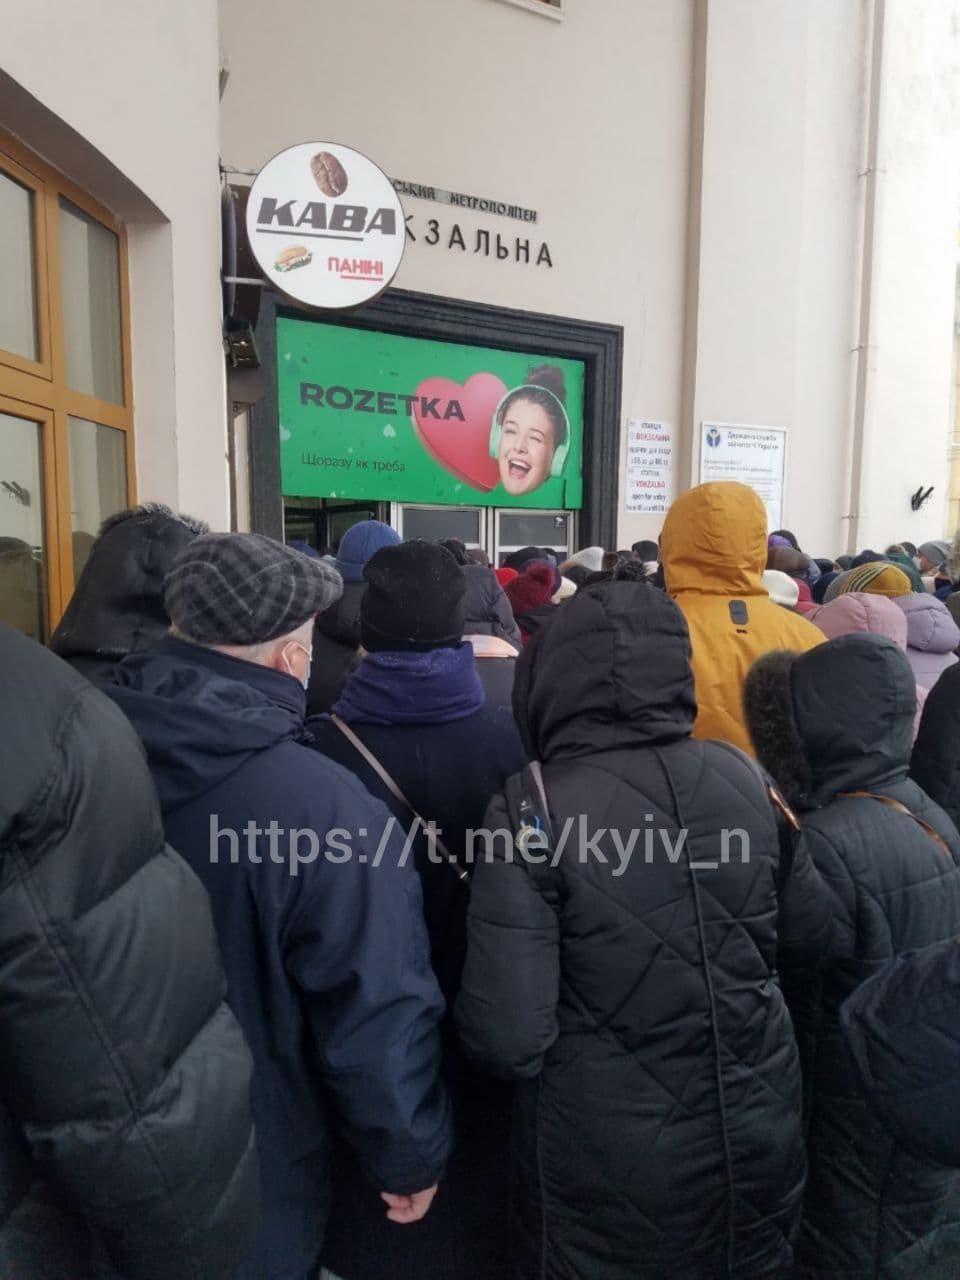 KyivNow